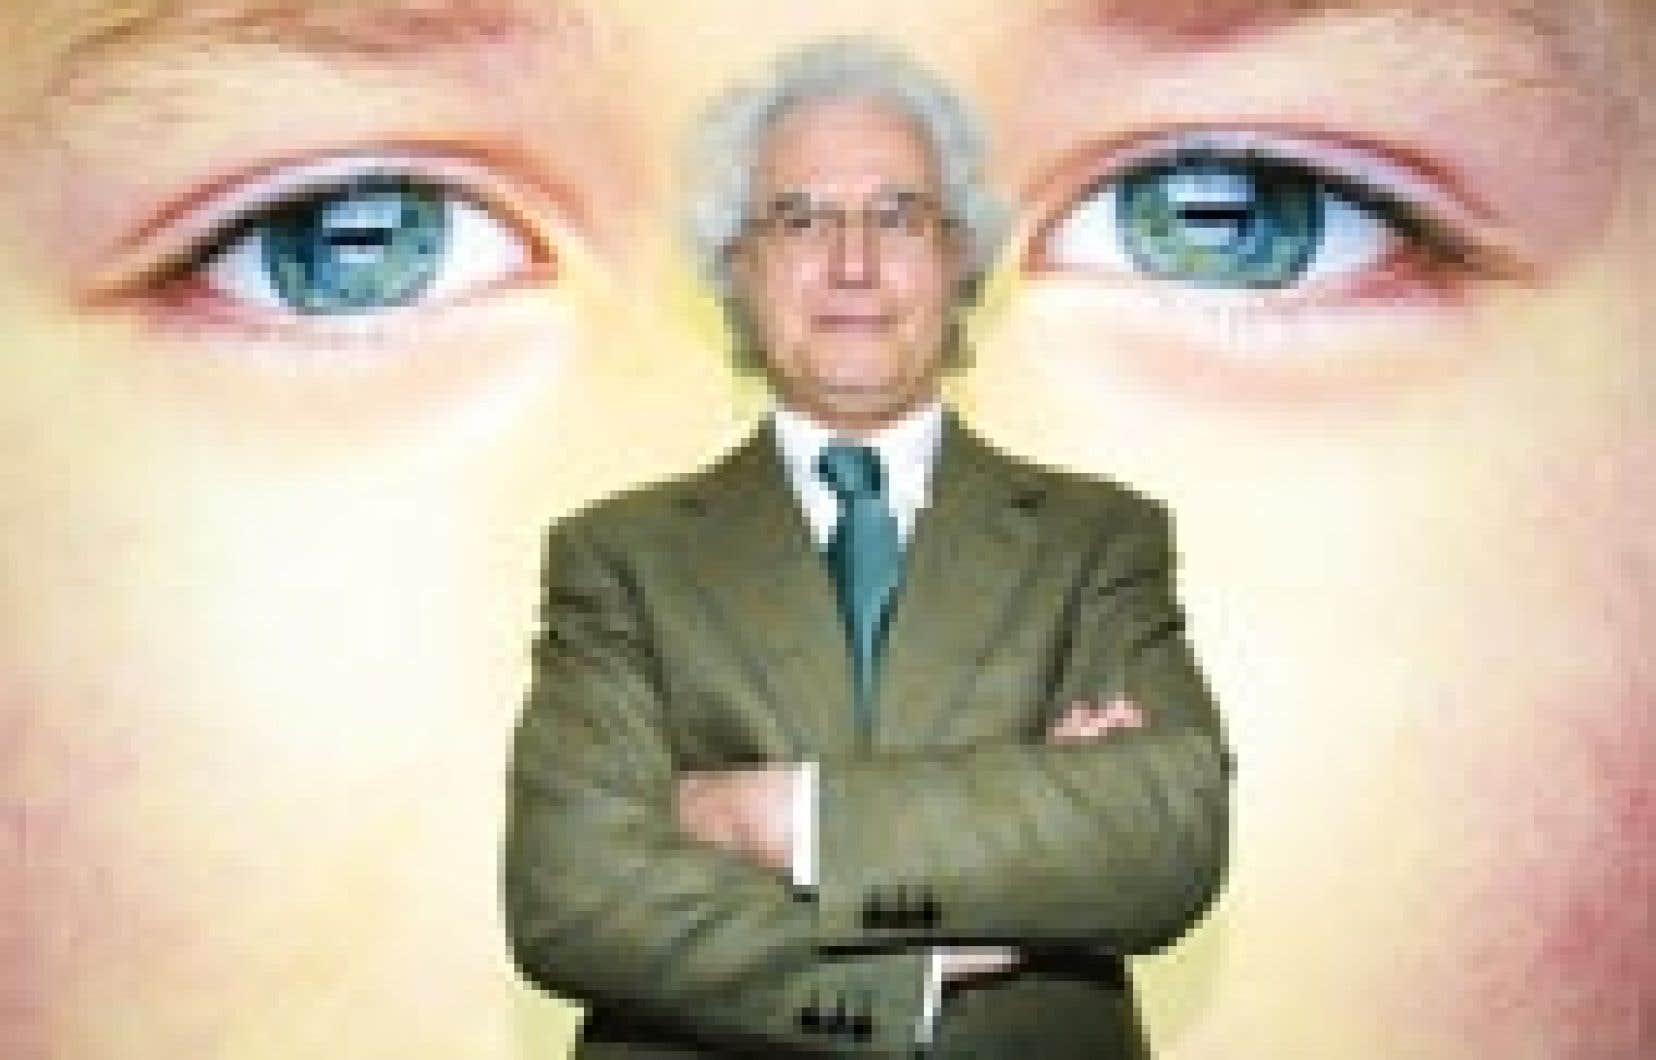 Teint pâle d'institutrice végétarienne avec des lunettes rondes à la John Lennon, Luciano Benetton en dit le moins possible. Il se dérobe aux questions avec des réponses neutres, impersonnelles.